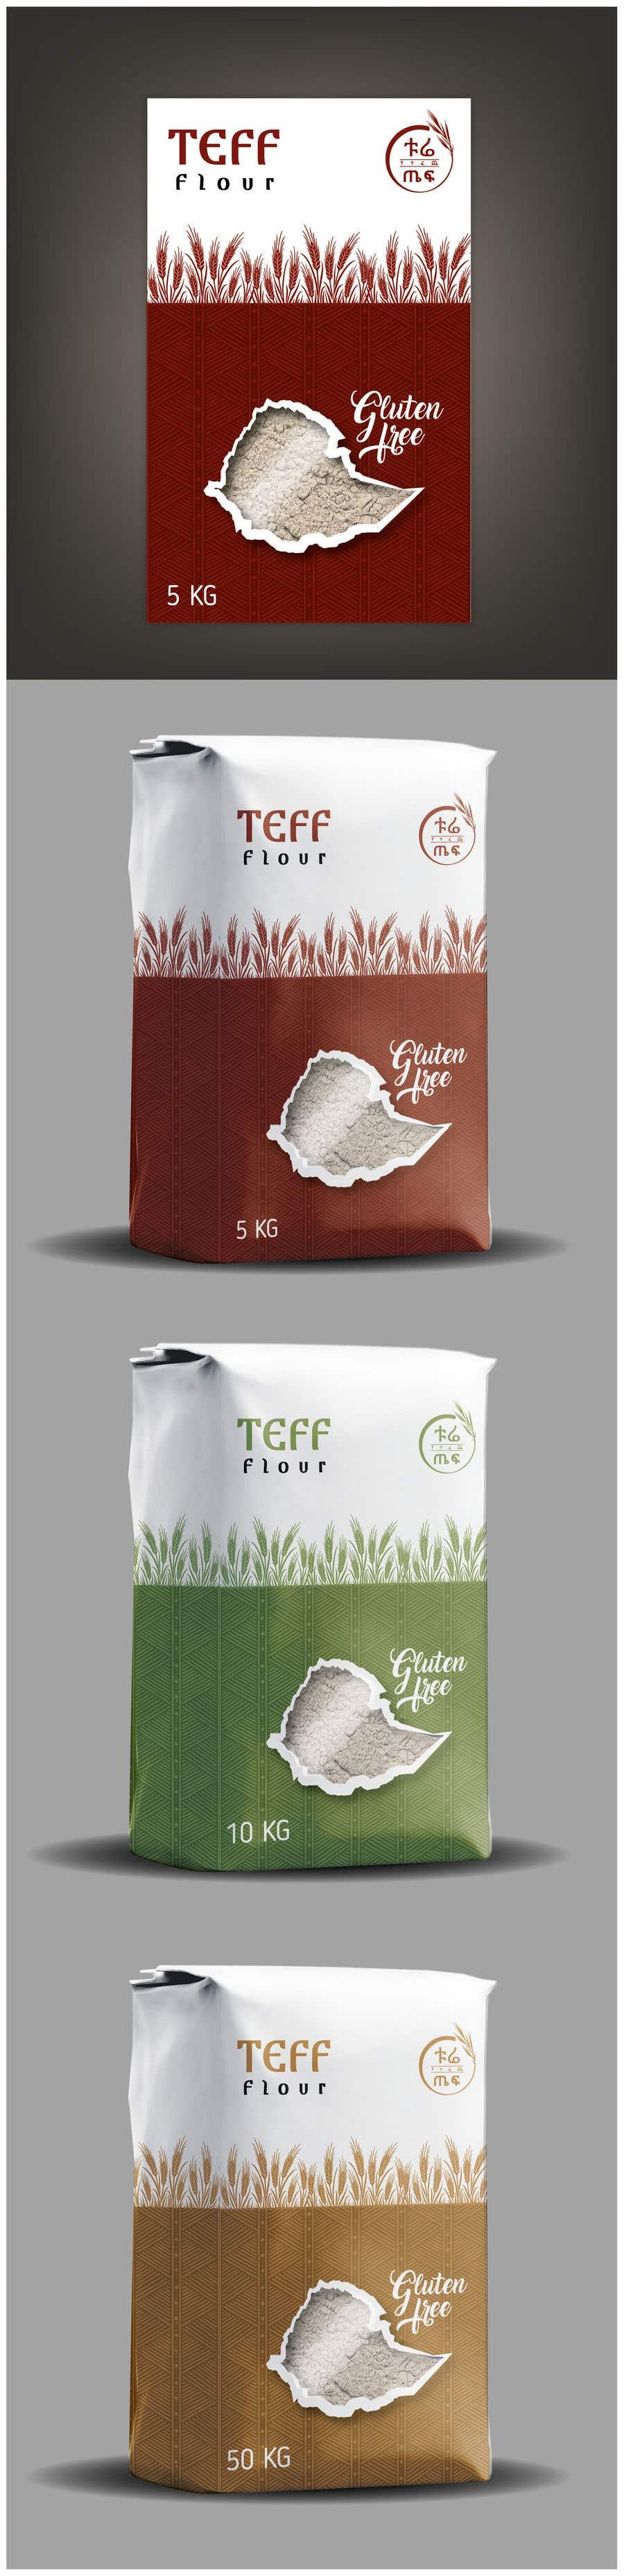 Penyertaan Peraduan #53 untuk Packaging for Teff flour.